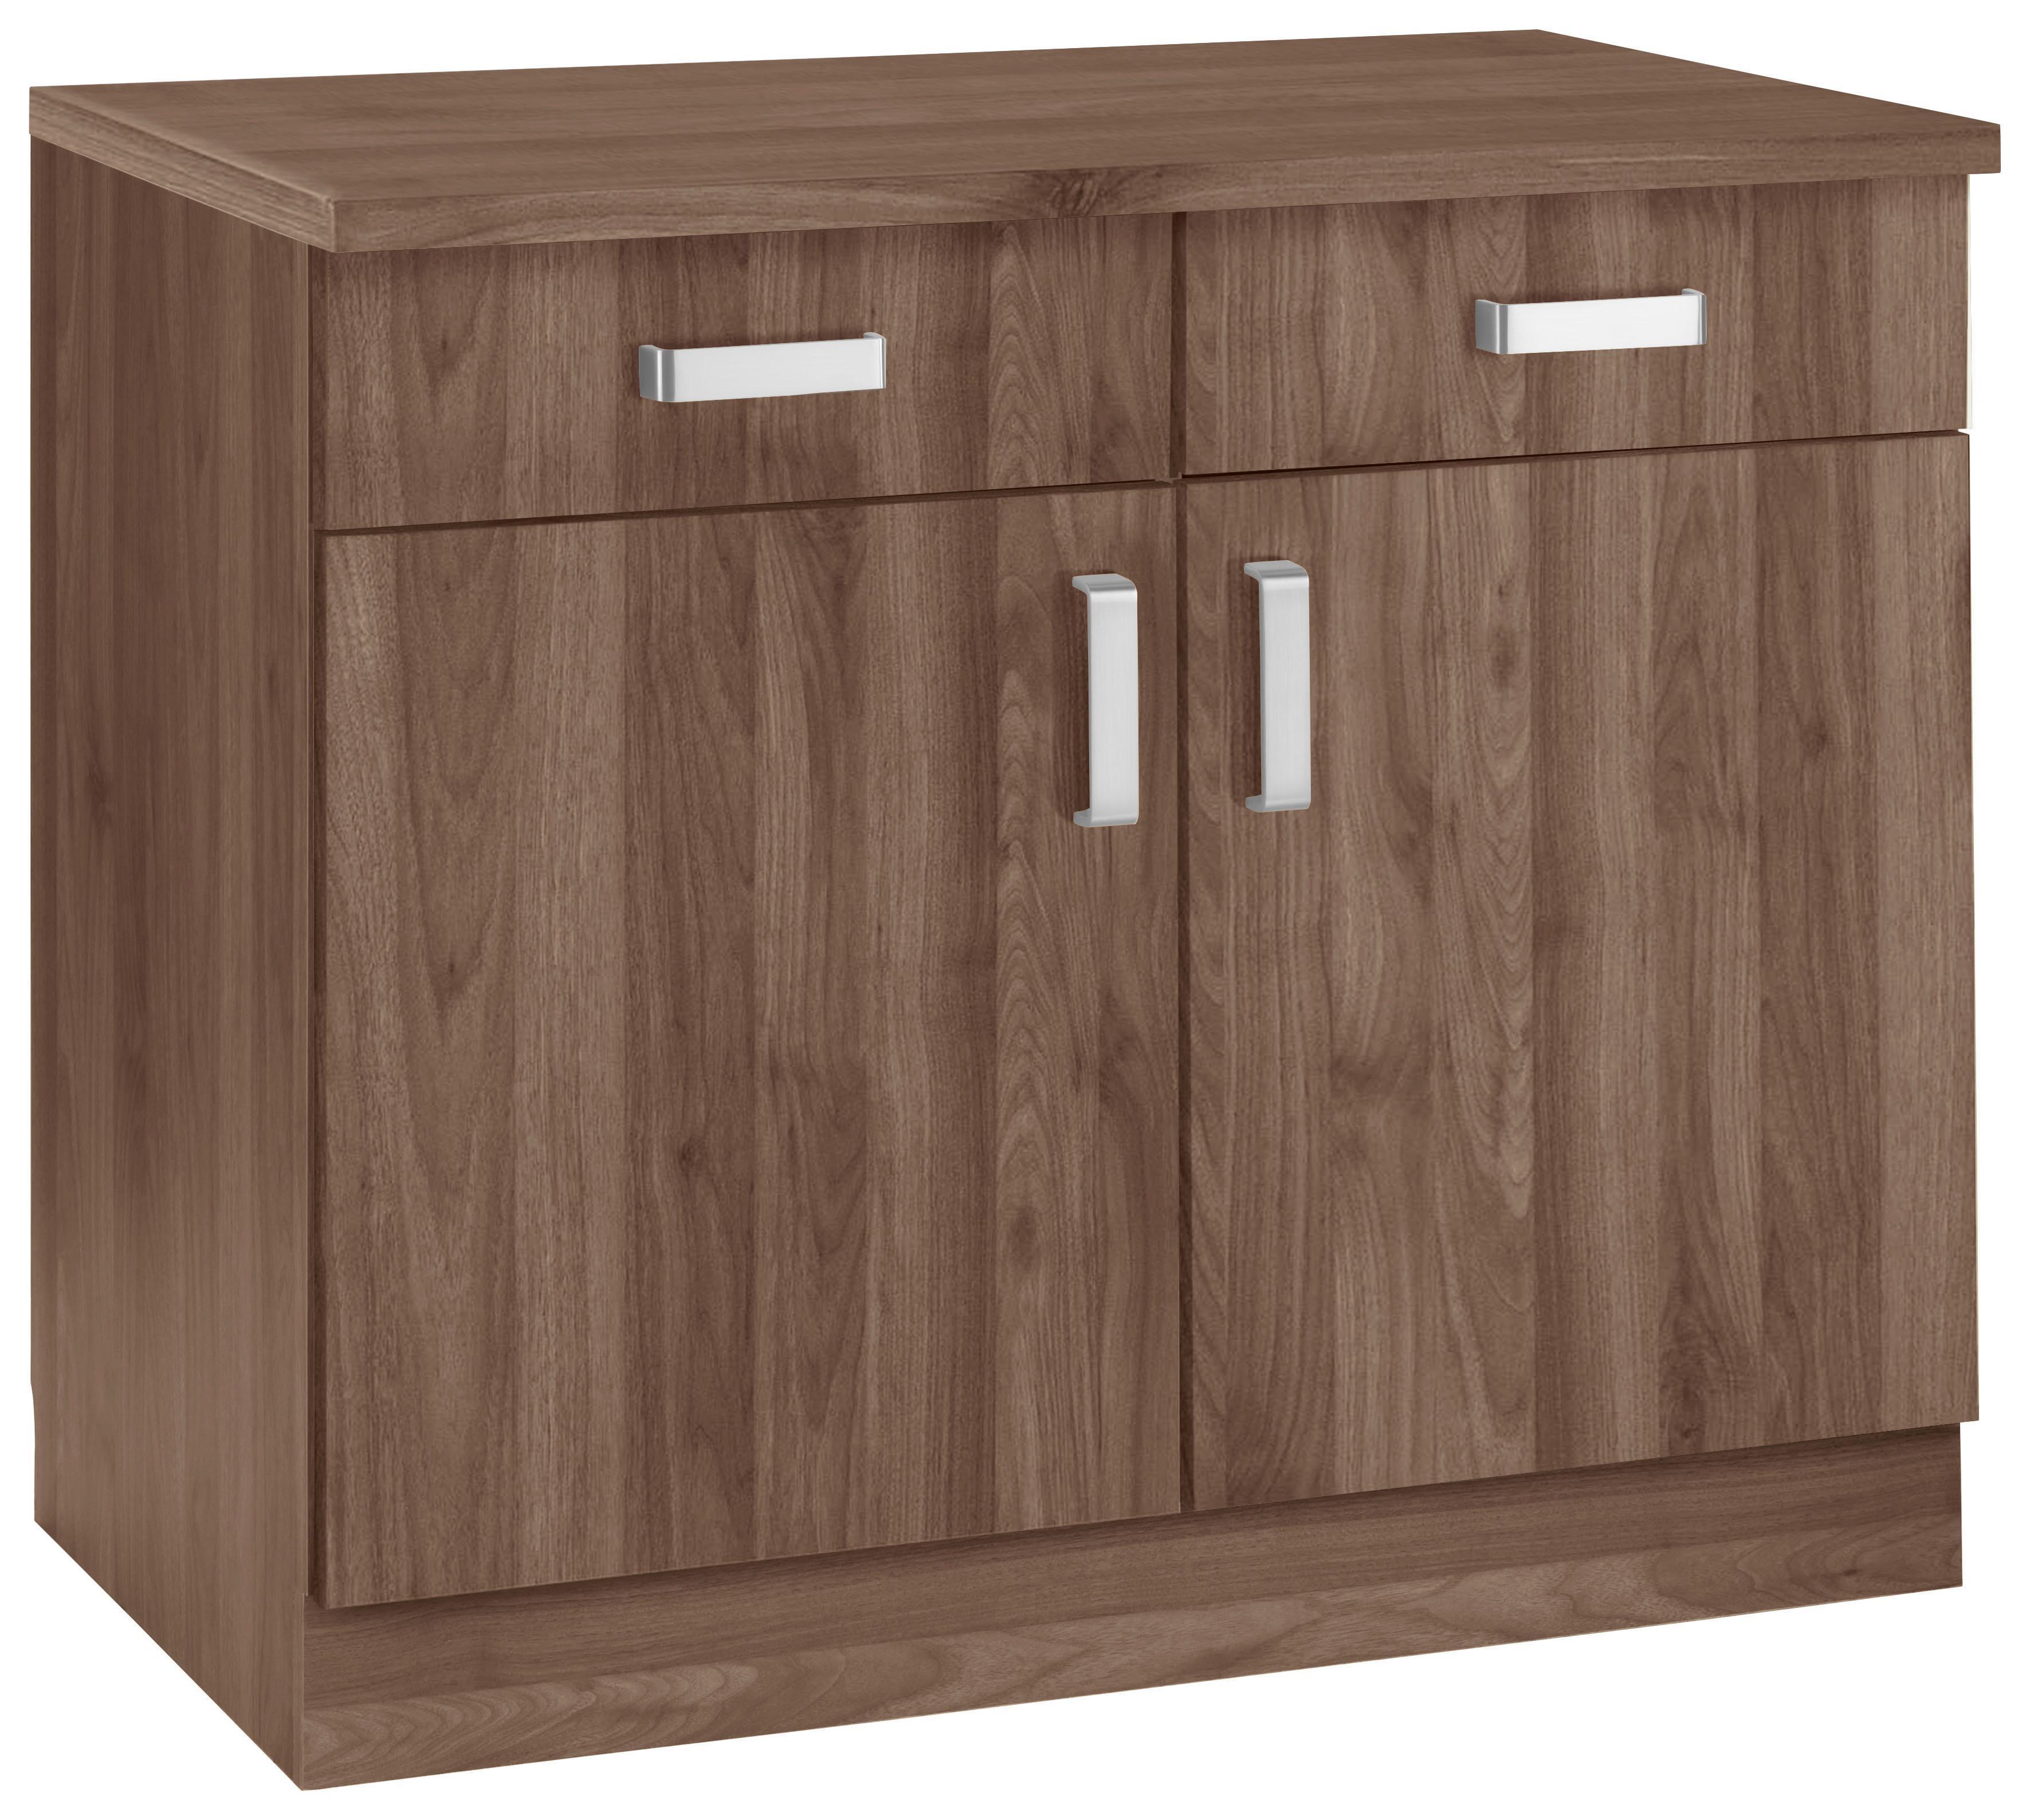 Wiho Küchen Unterschrank »Tacoma«, Breite 100 cm auf Rechnung bestellen |  BAUR